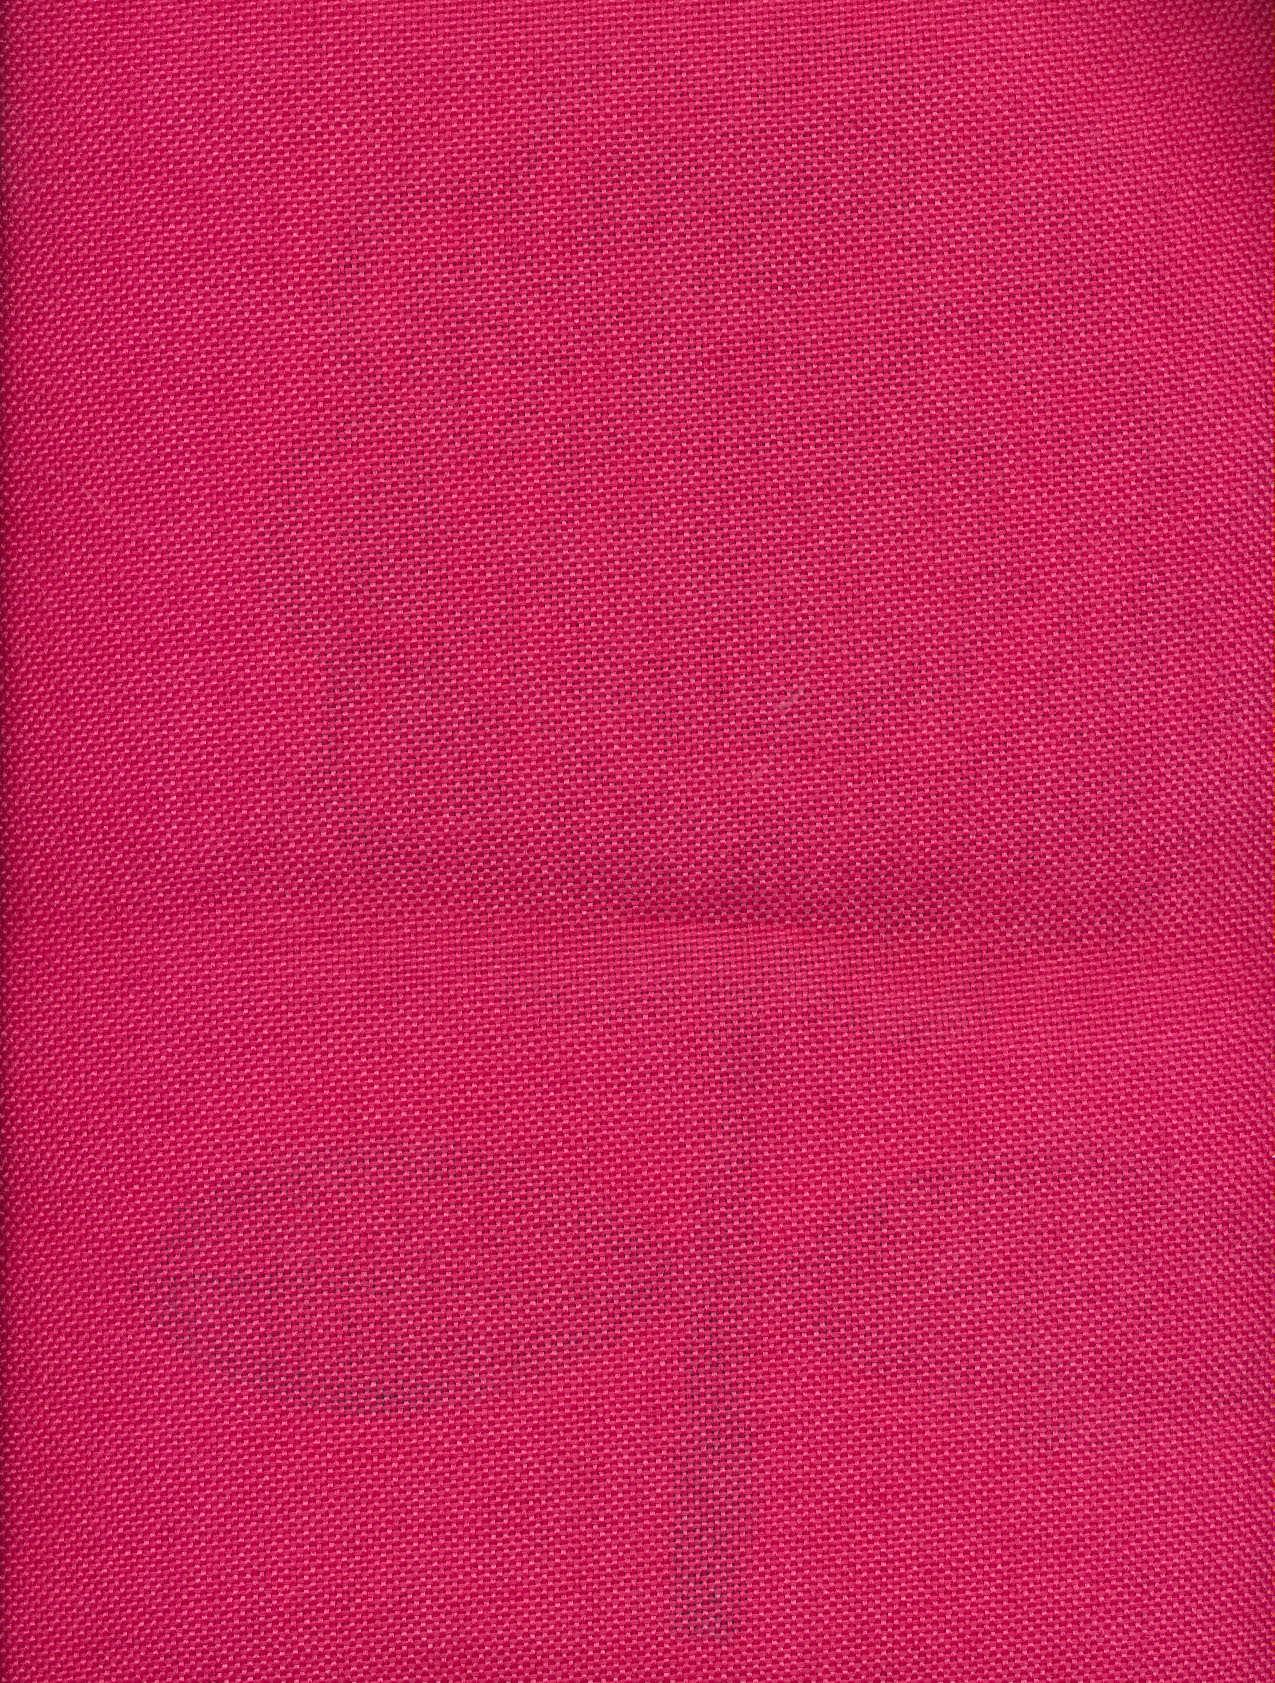 کیف پارچه ای بزرگ پنبه ای 41*45 (کد 205)